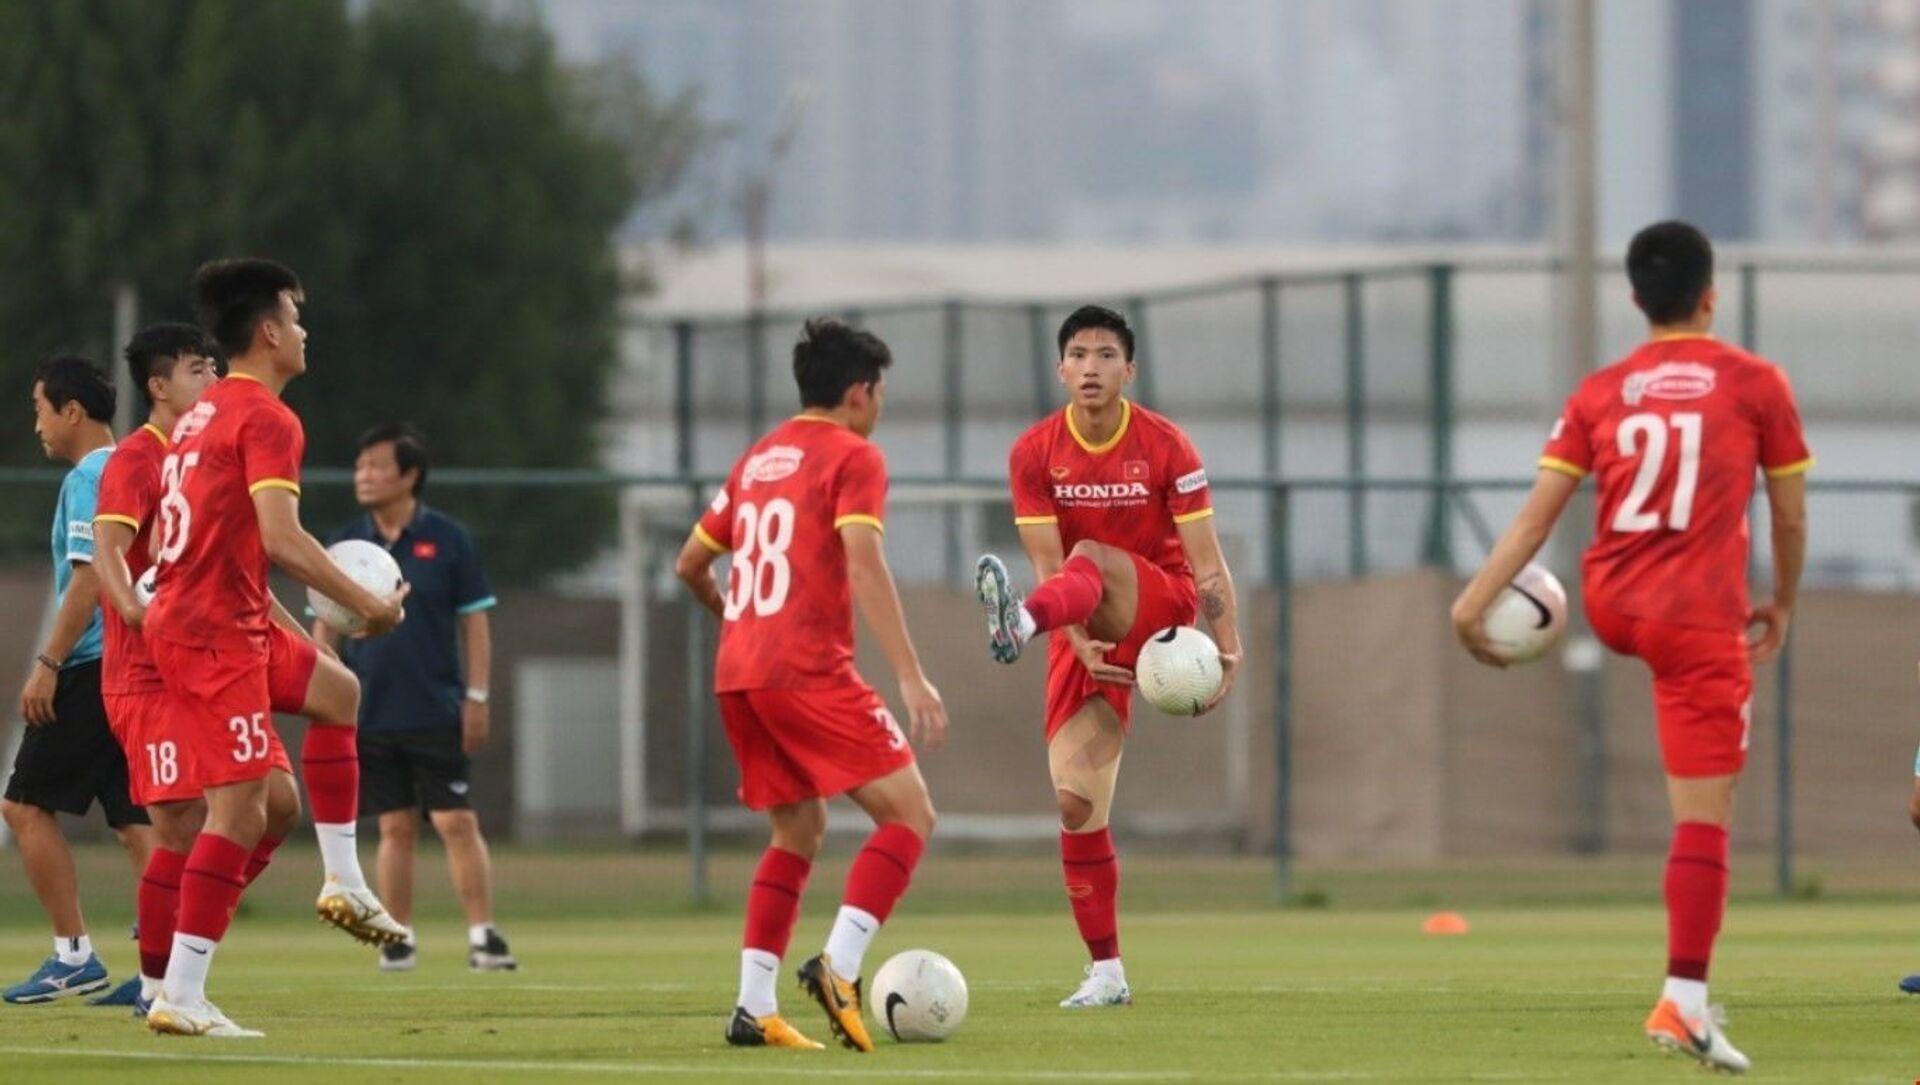 Các cầu thủ dự bị và không thi đấu ở trận Indonesia tập riêng ở phần sân trung tâm. - Sputnik Việt Nam, 1920, 09.06.2021